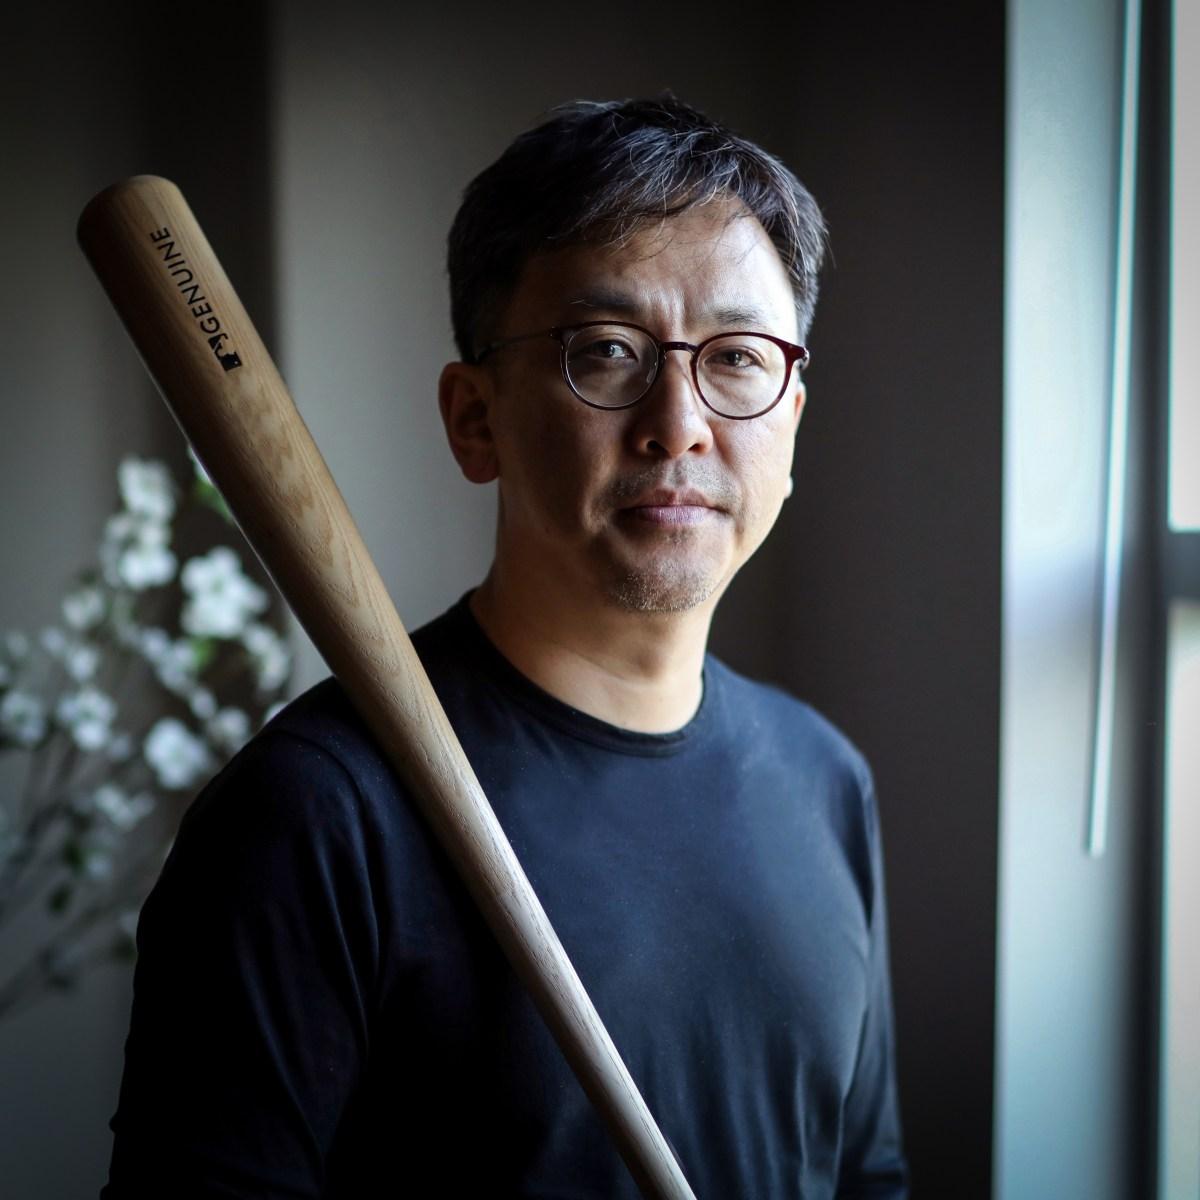 JohnHwang